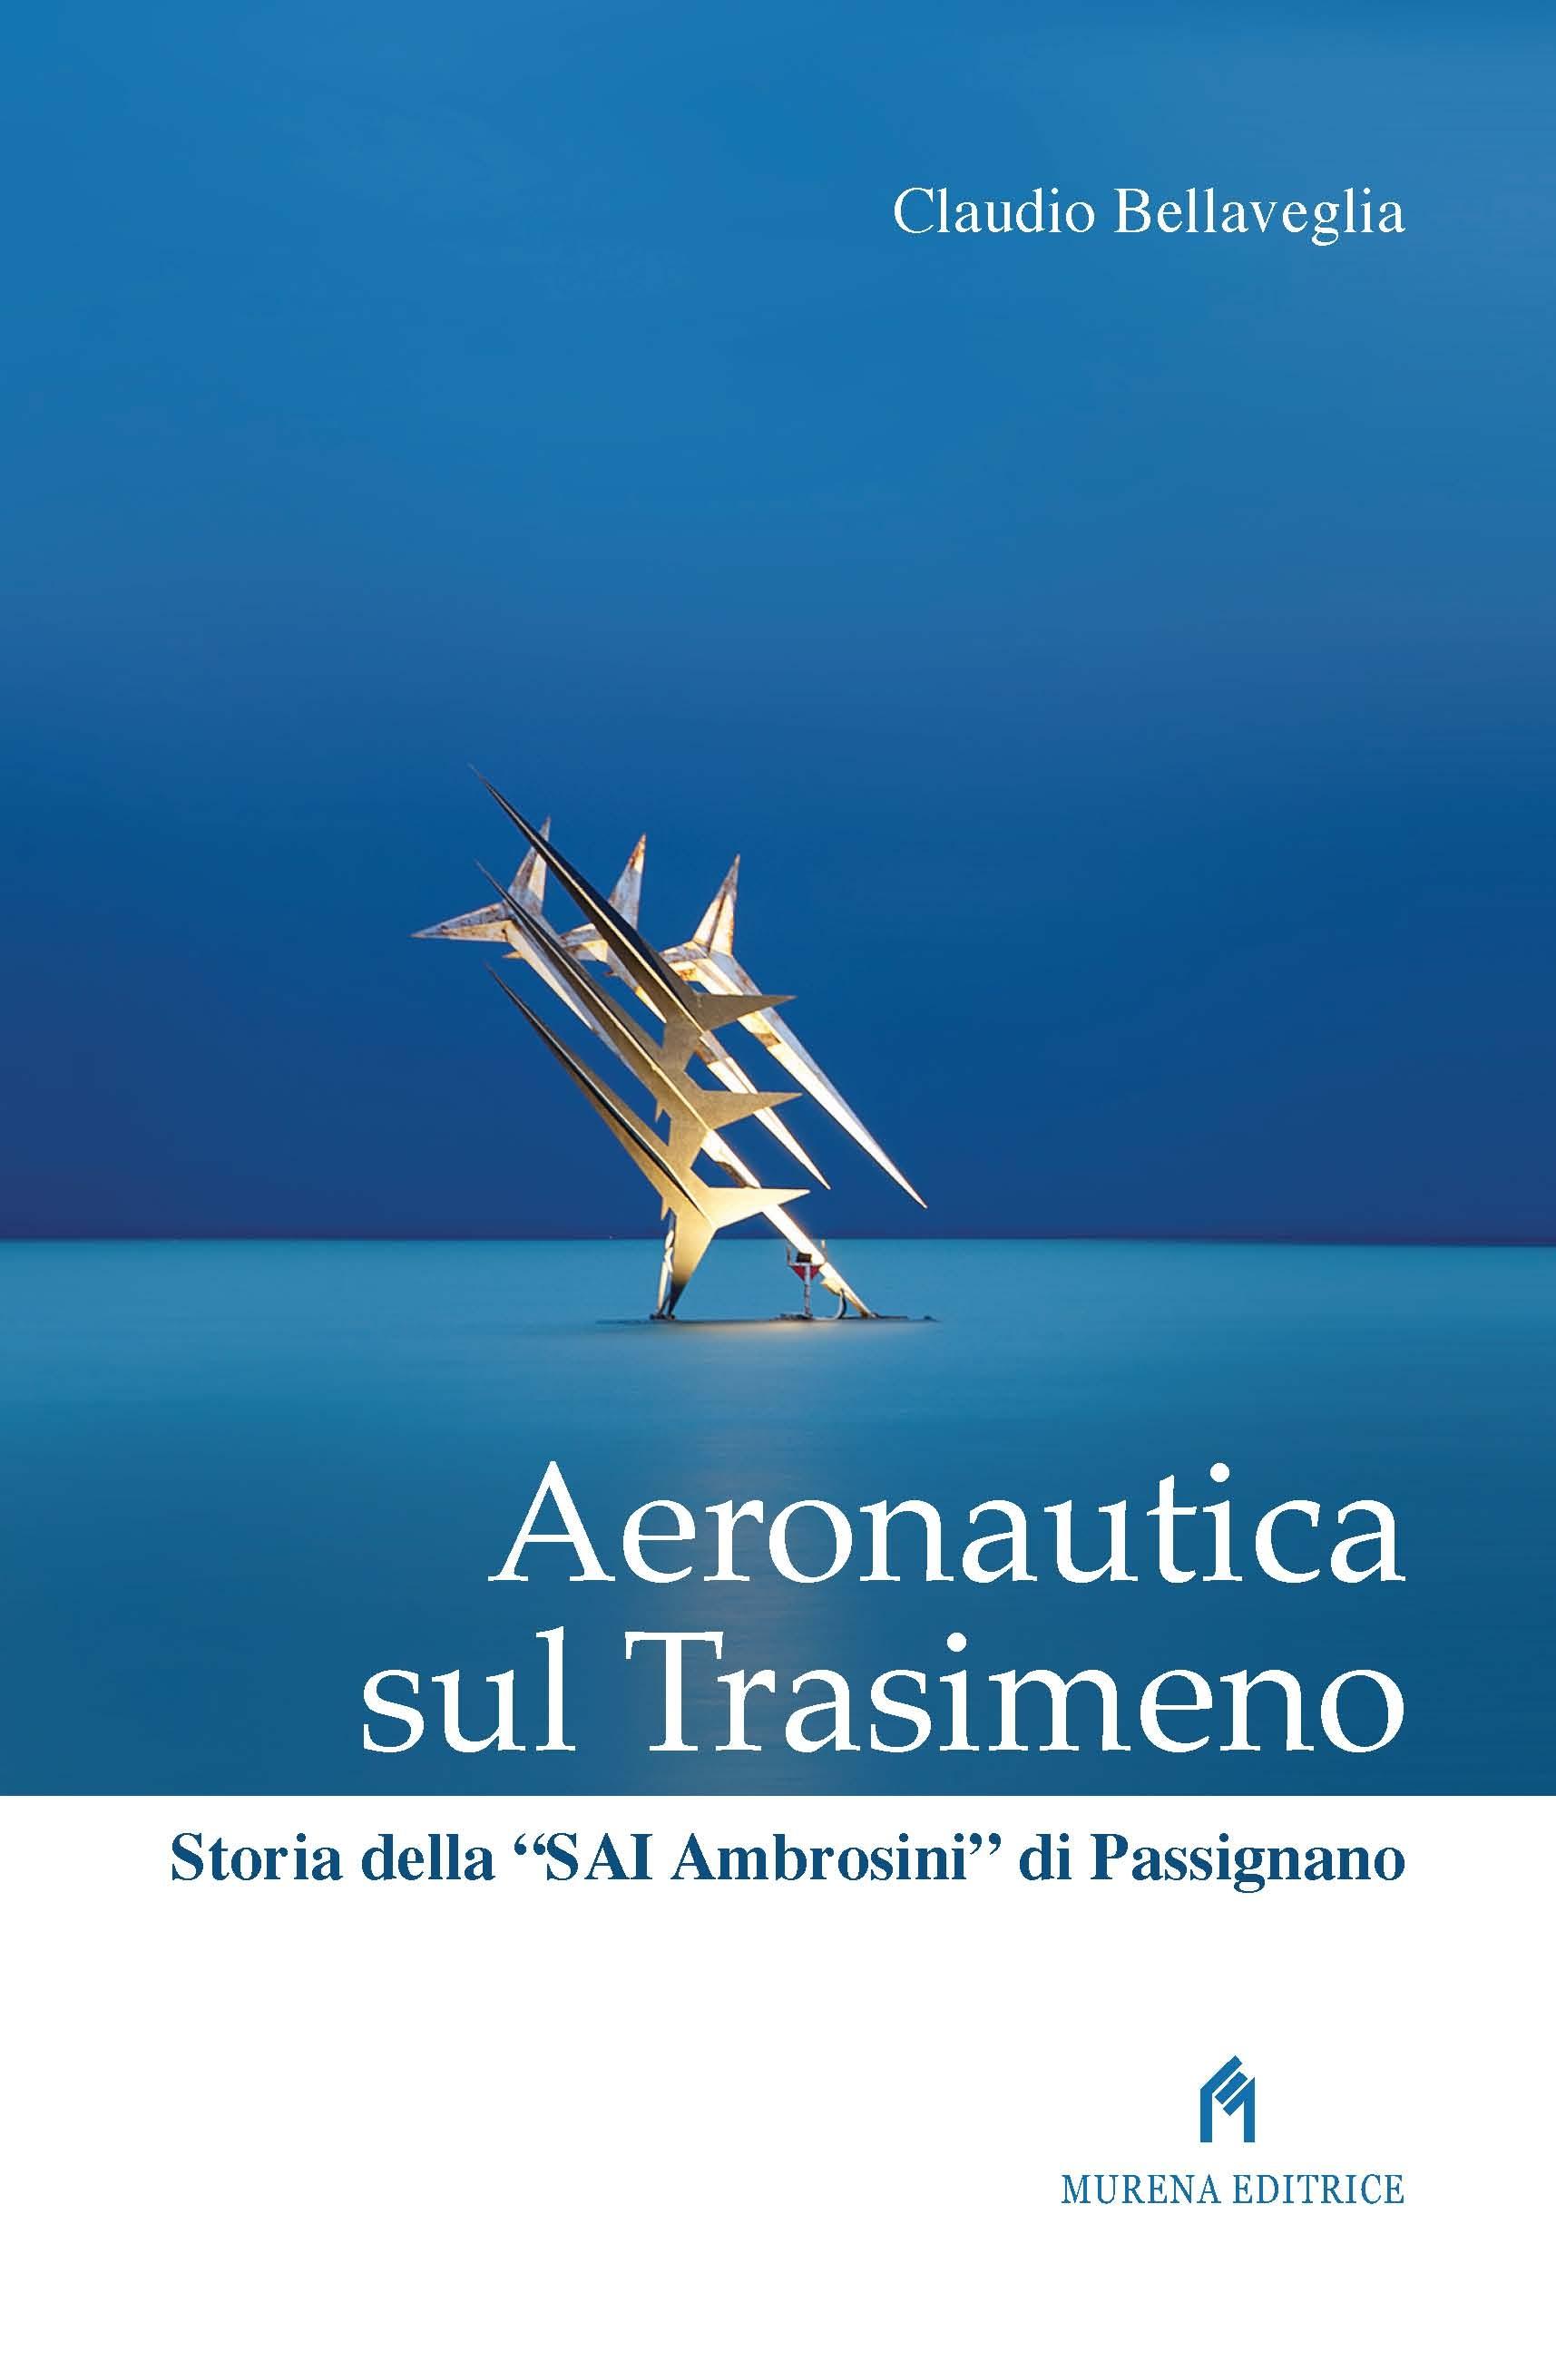 Spazio libri - Consigli di lettura: 'Aeronautica sul Trasimeno' di Claudio Bellaveglia